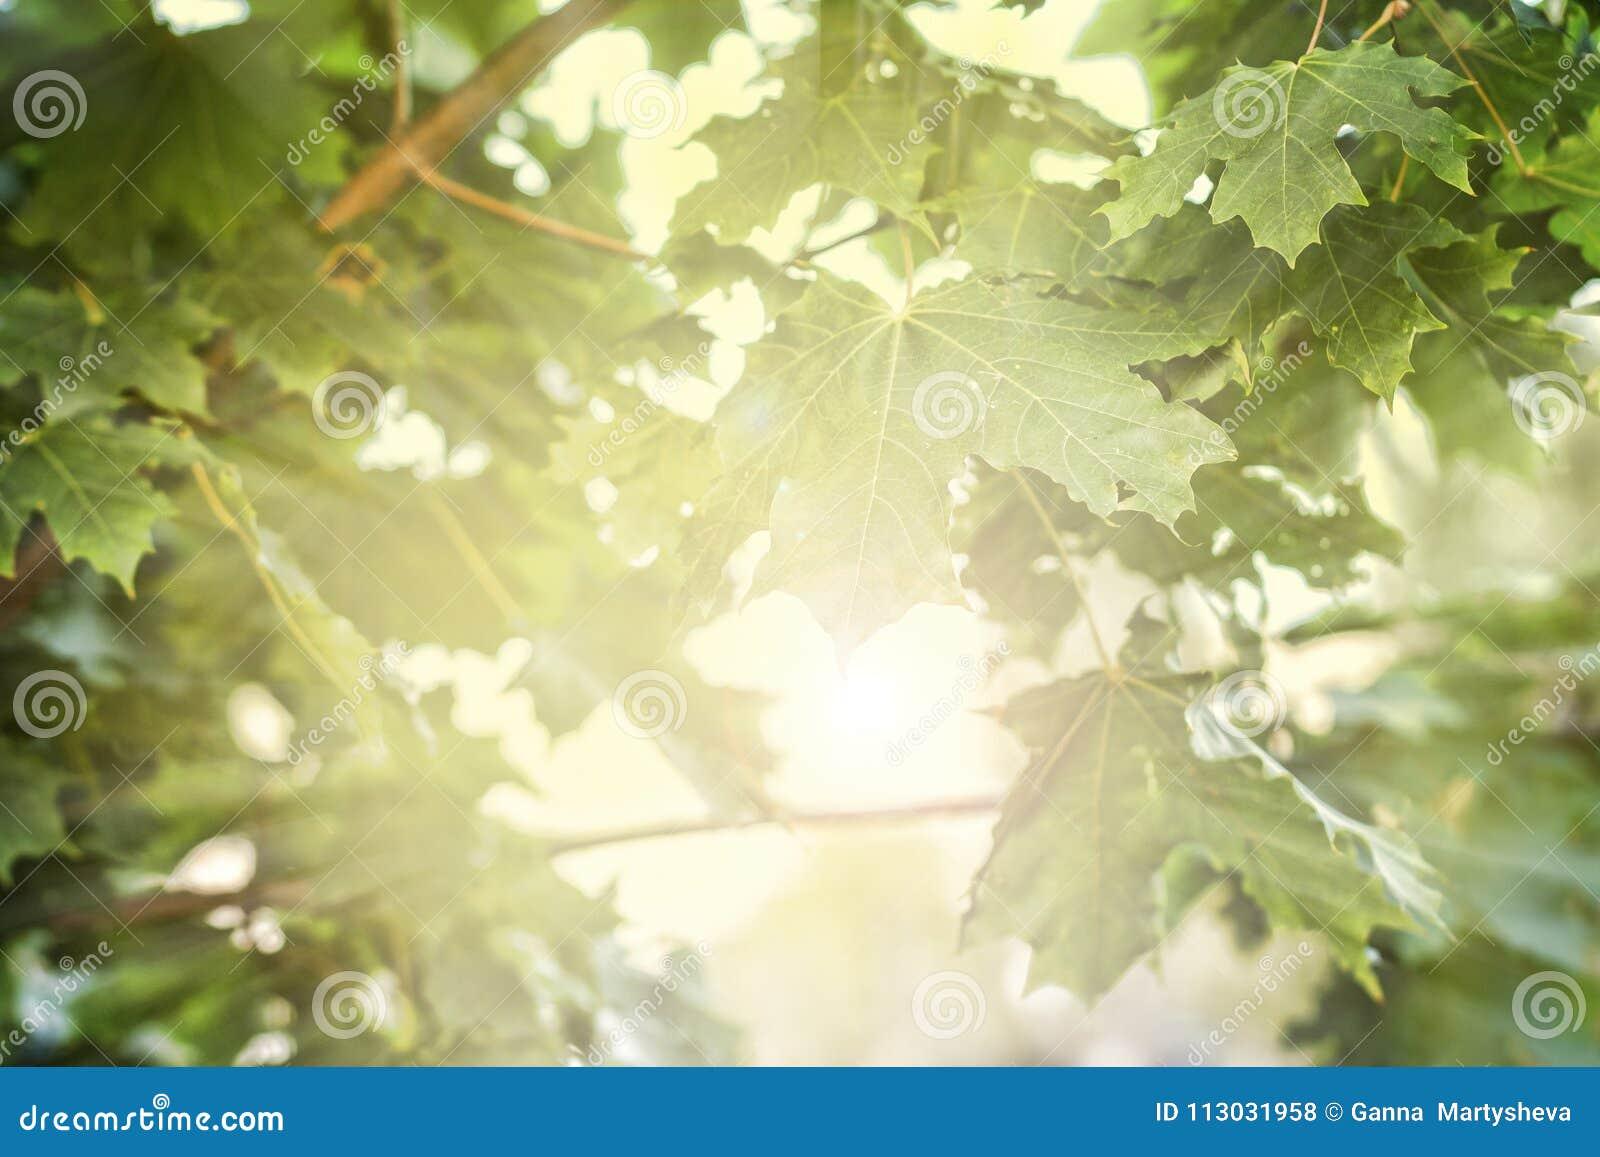 El verano, verde se va, luz del sol, luz, sol, verano, fondo,